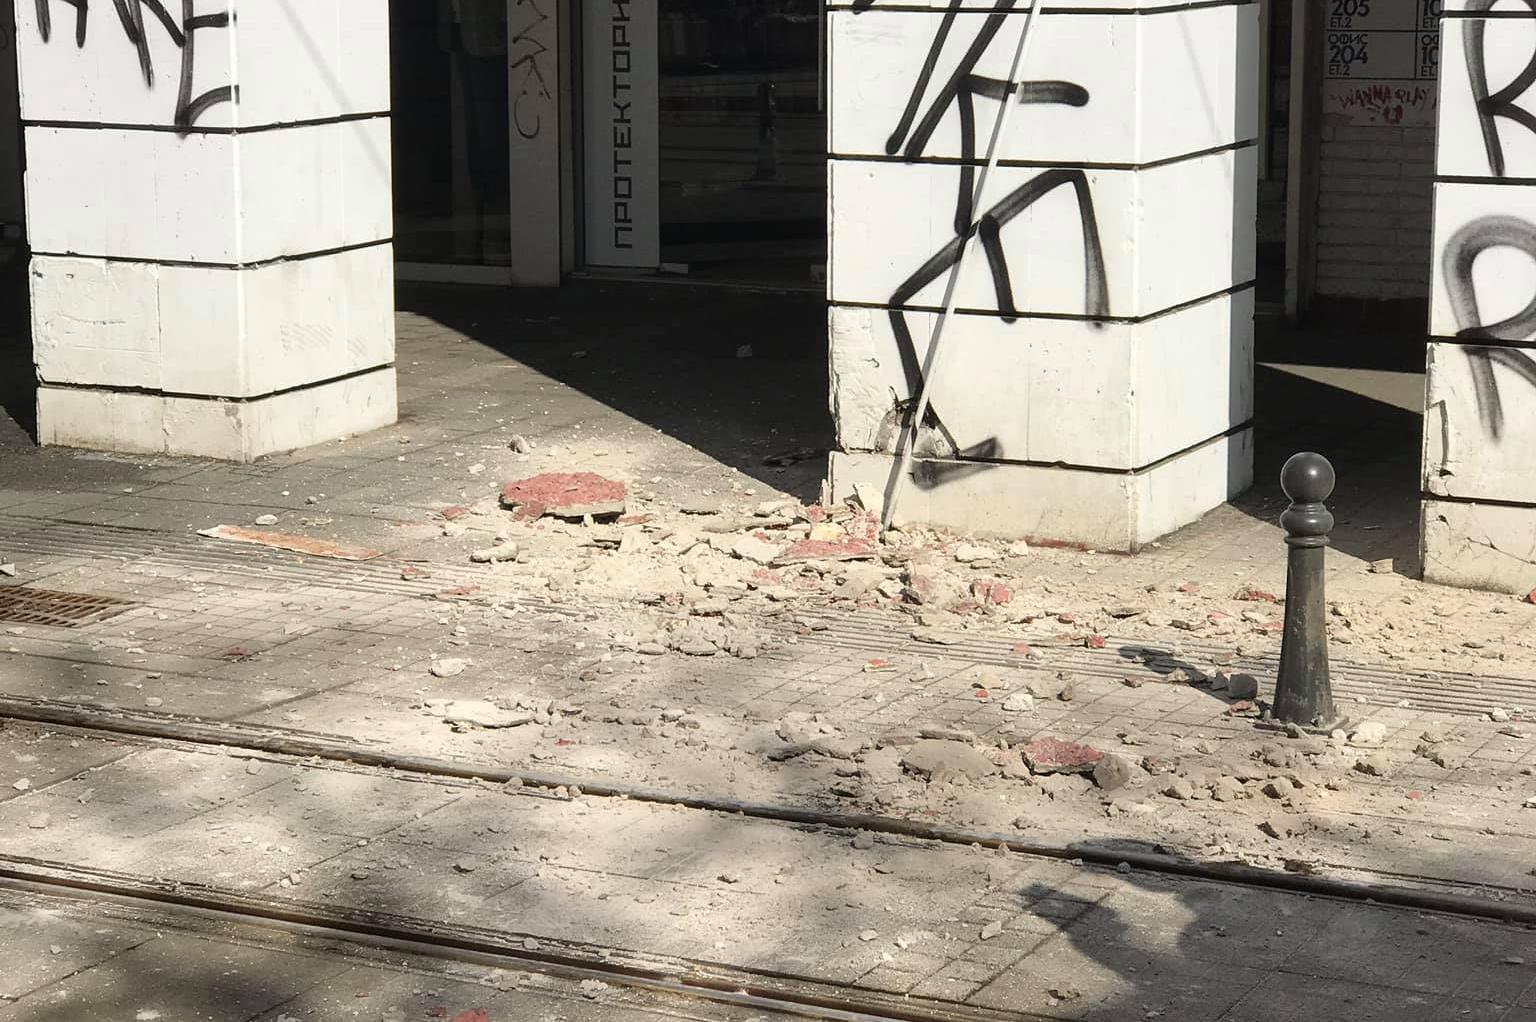 Част от мазилка на сграда падна върху трамвайната линия на площад Гарибалди